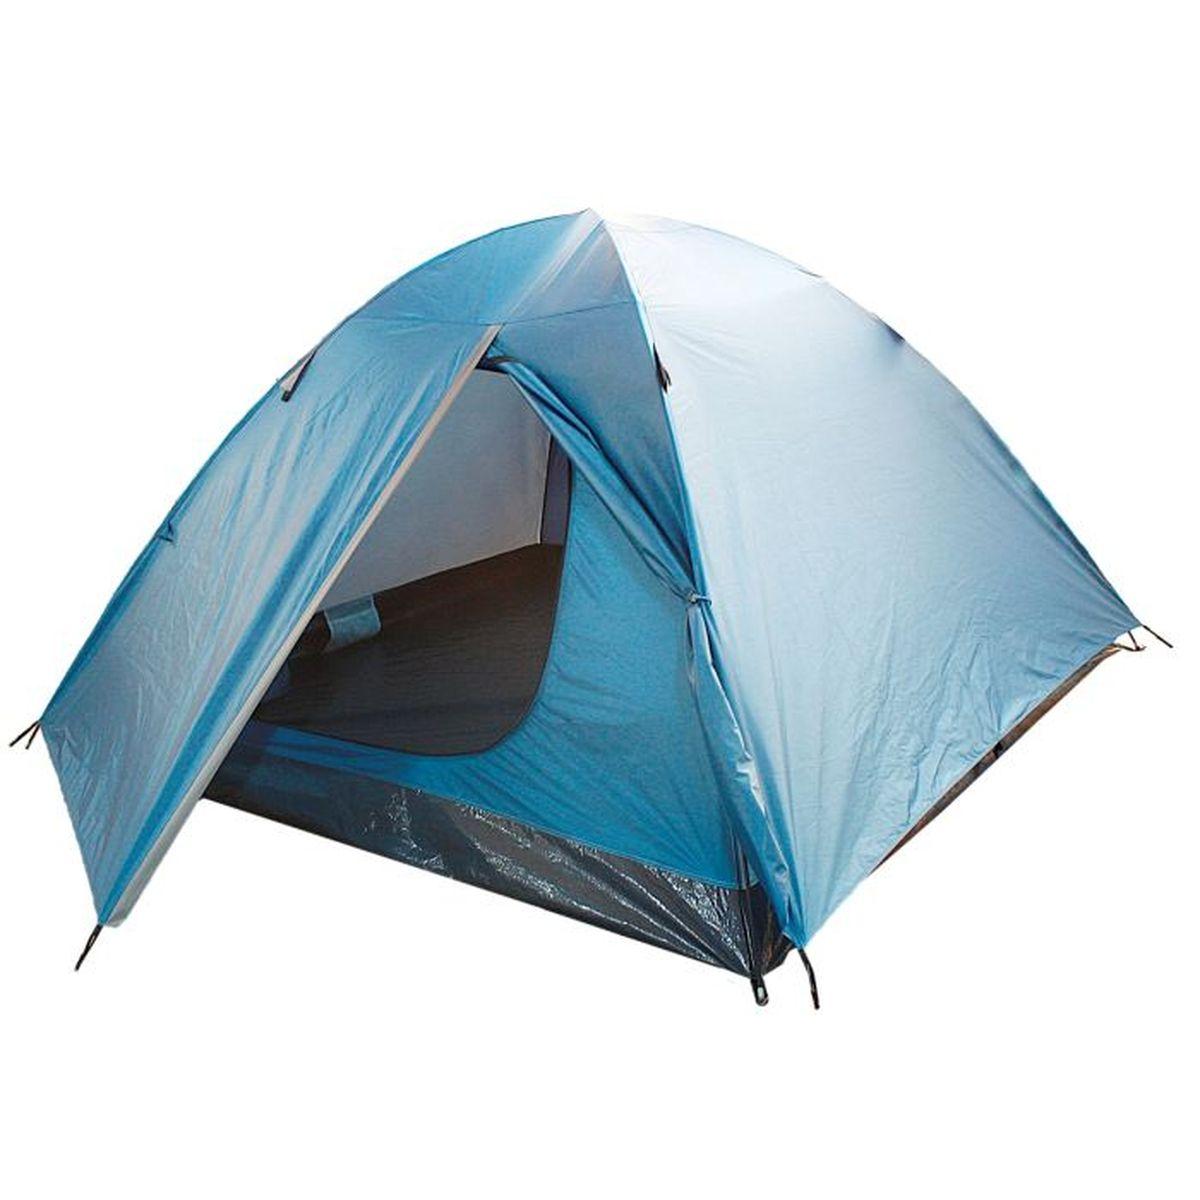 Палатка туристическая Onlitop ROOT 2, цвет: голубойWS 7064Если вы заядлый турист или просто любитель природы, вы хоть раз задумывались о ночёвке на свежем воздухе. Чтобы провести её с комфортом, вам понадобится отличная палатка, Она обеспечит безопасный досуг и защитит от непогоды и насекомых. Ткань рипстоп гарантирует длительную эксплуатацию палатки за счёт высокой прочности материала.